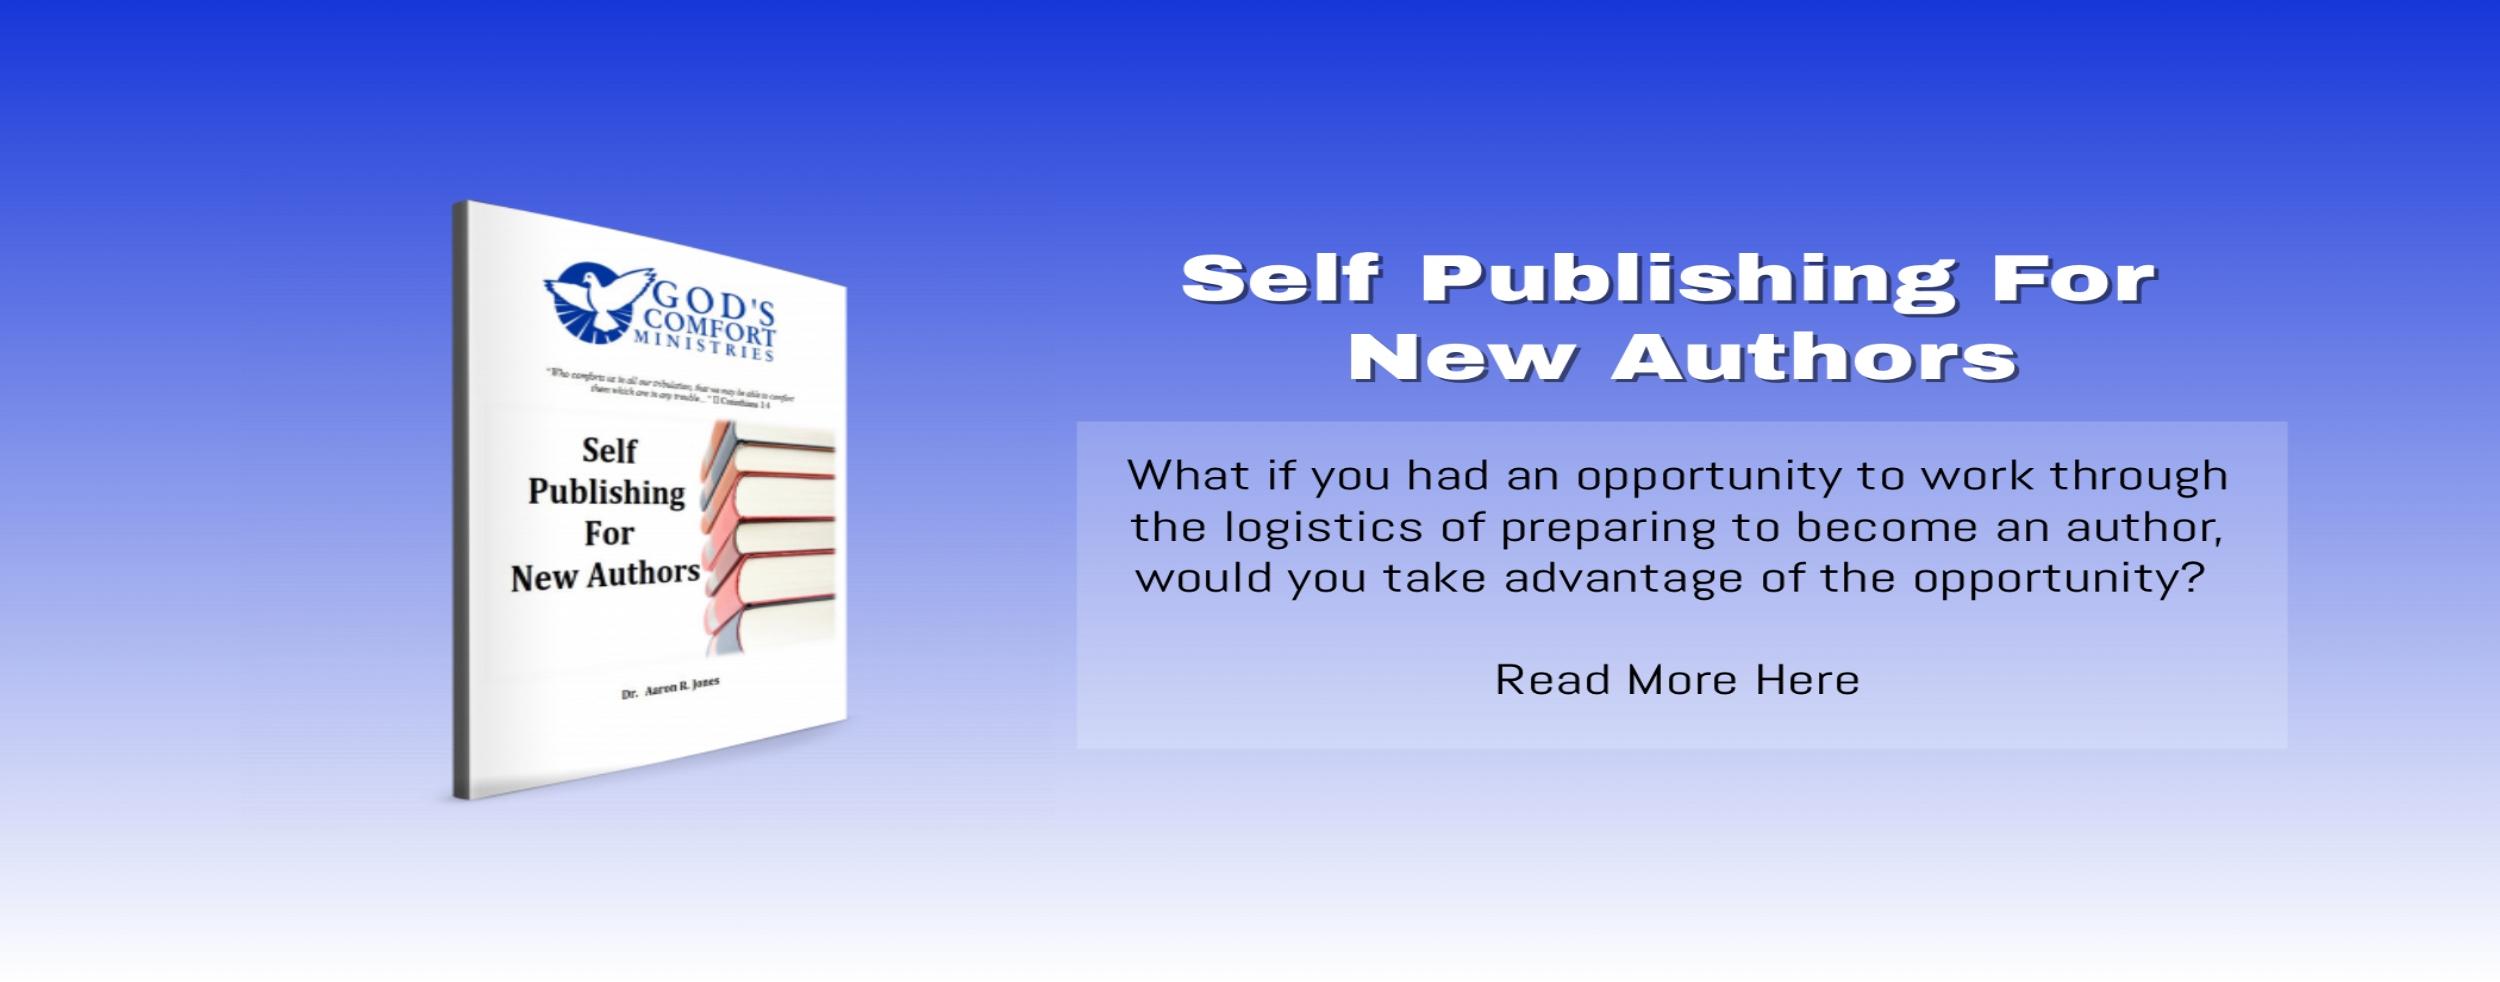 New Authors.jpg